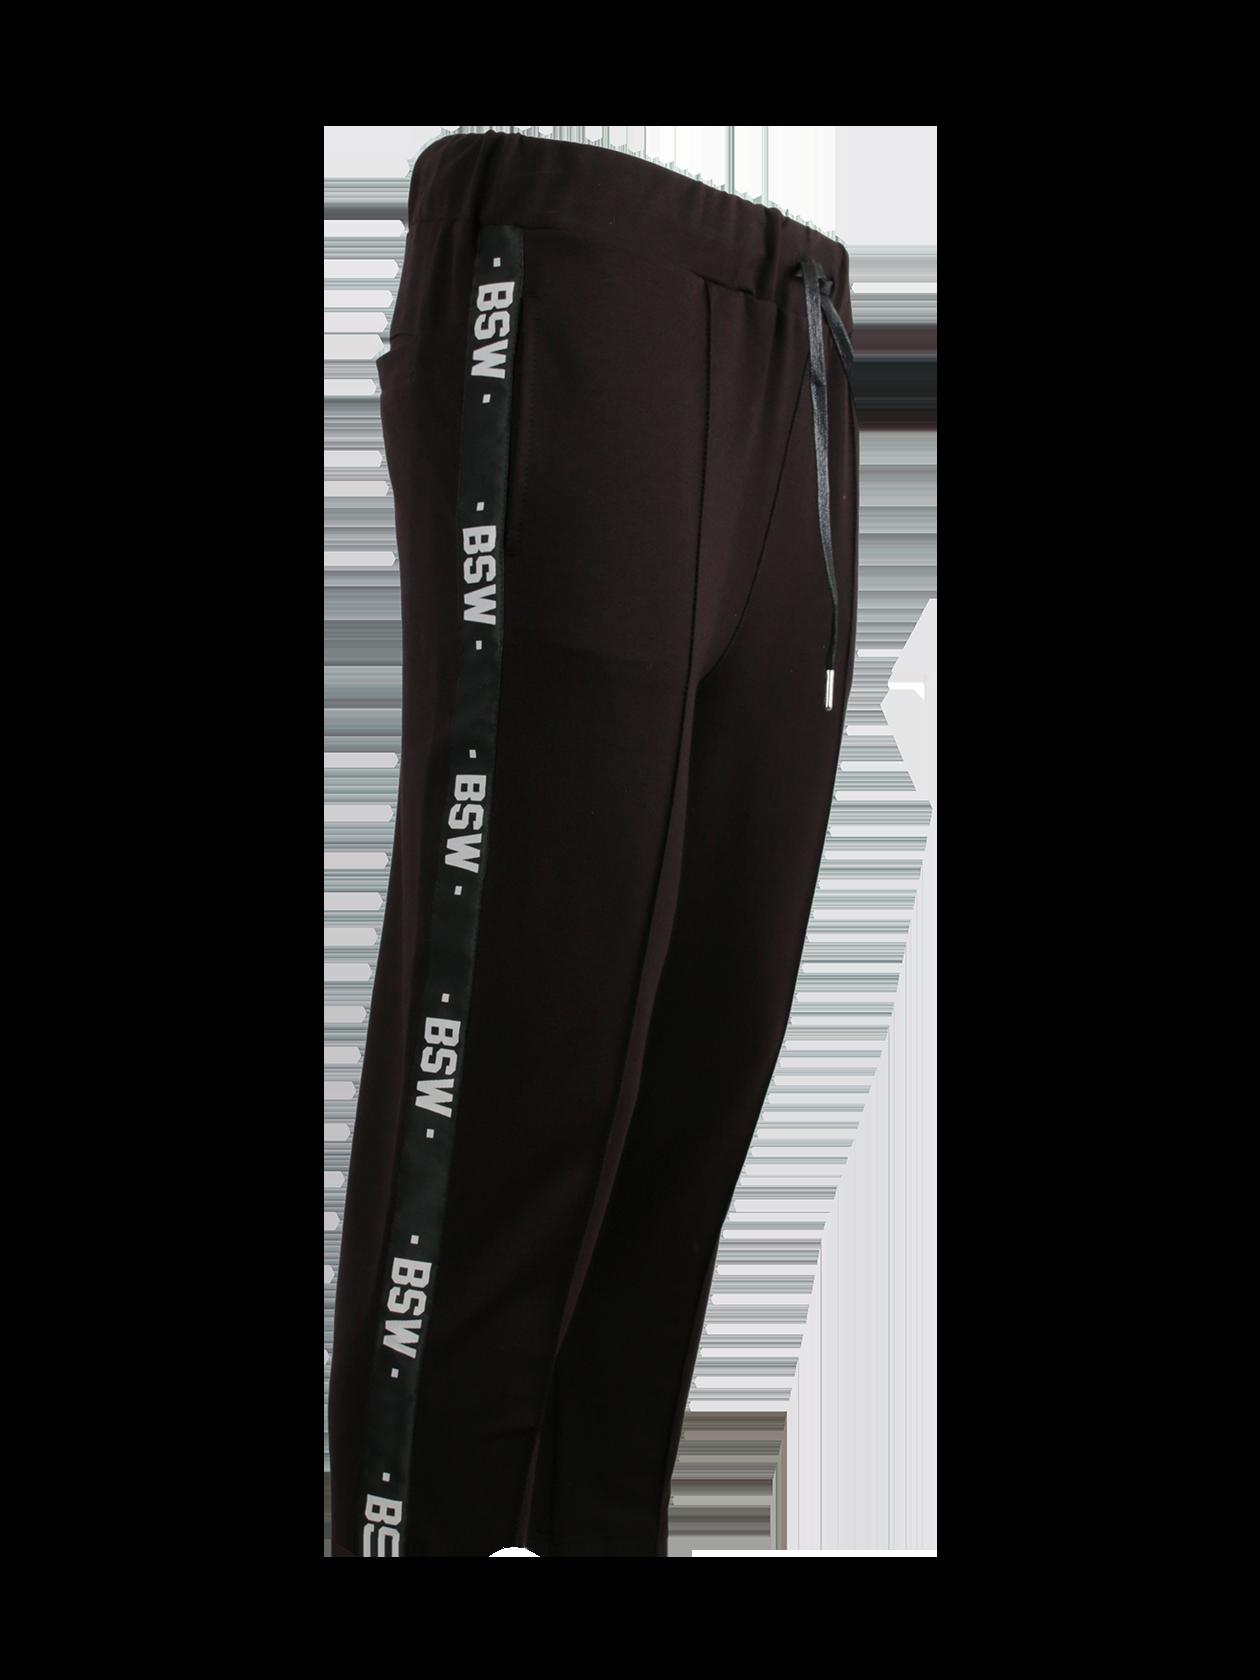 Брюки мужские STRIPE BSЧерные брюки мужские Daily Star – незаменимая вещь в шкафу. Модель лаконичного кроя обладает прямым зауженным к низу силуэтом. Широкий пояс на резинке дополнен завязками для лучшей фиксации по фигуре. Сзади и по бокам внутренние карманы, позволяющие хранить личные предметы. Декоративные элементы дизайна – боковые вставки в виде вертикальных полосок с многочисленными надписями BSW. Брюки мужские изготовлены из высококачественного натурального материала на основе хлопка. Идеально подходят для спорта, отдыха и на каждый день.<br><br>Размер: L<br>Цвет: Черный<br>Пол: Мужской